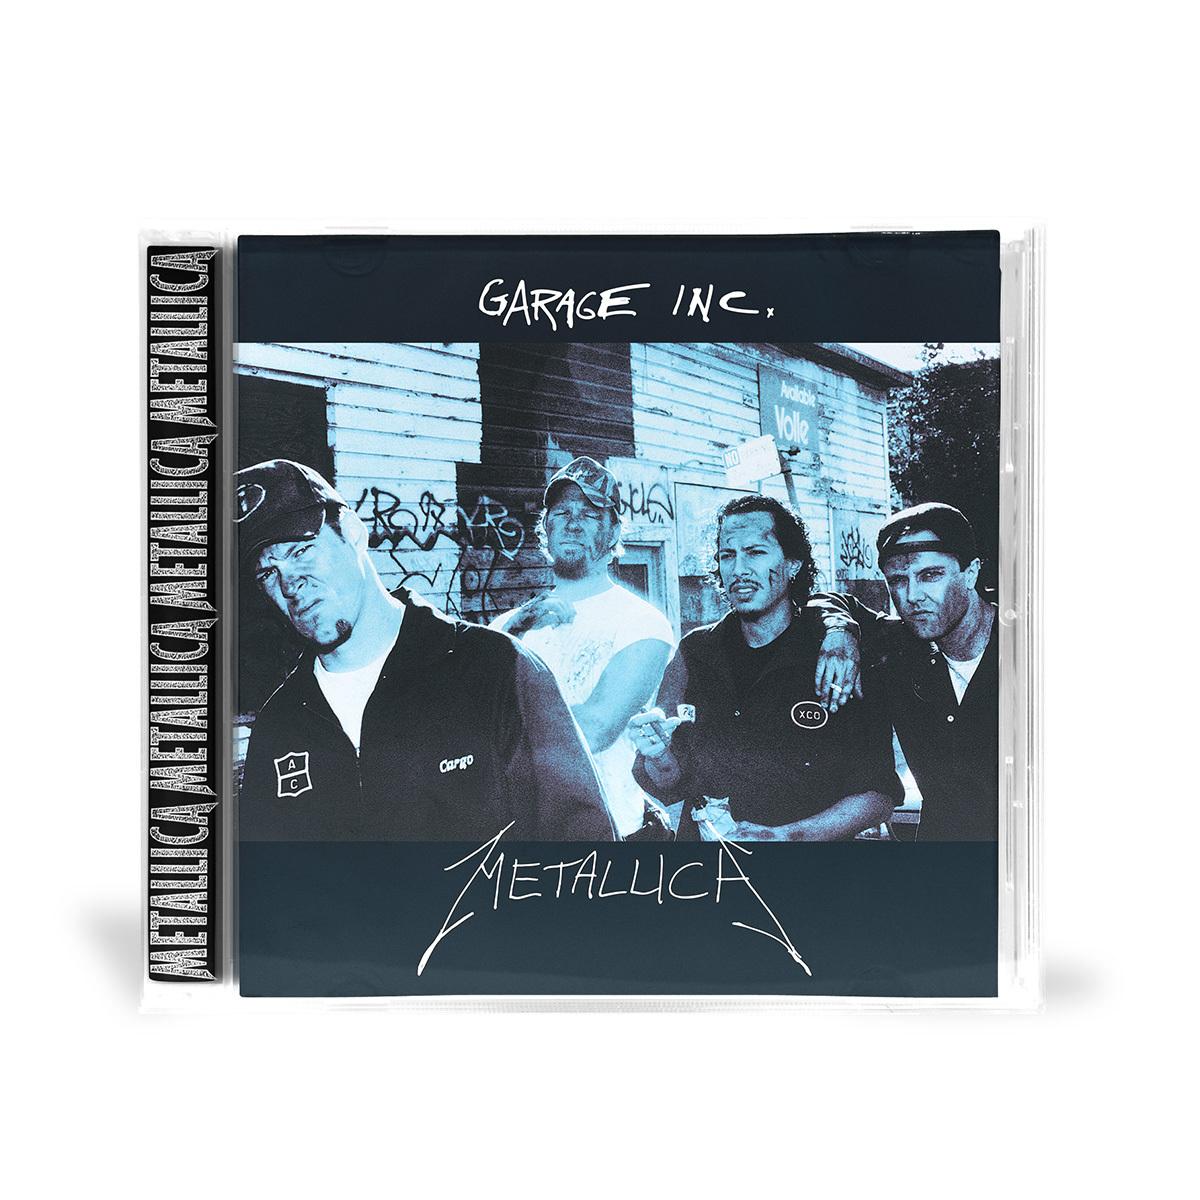 Garage Inc Cd Metallica Com